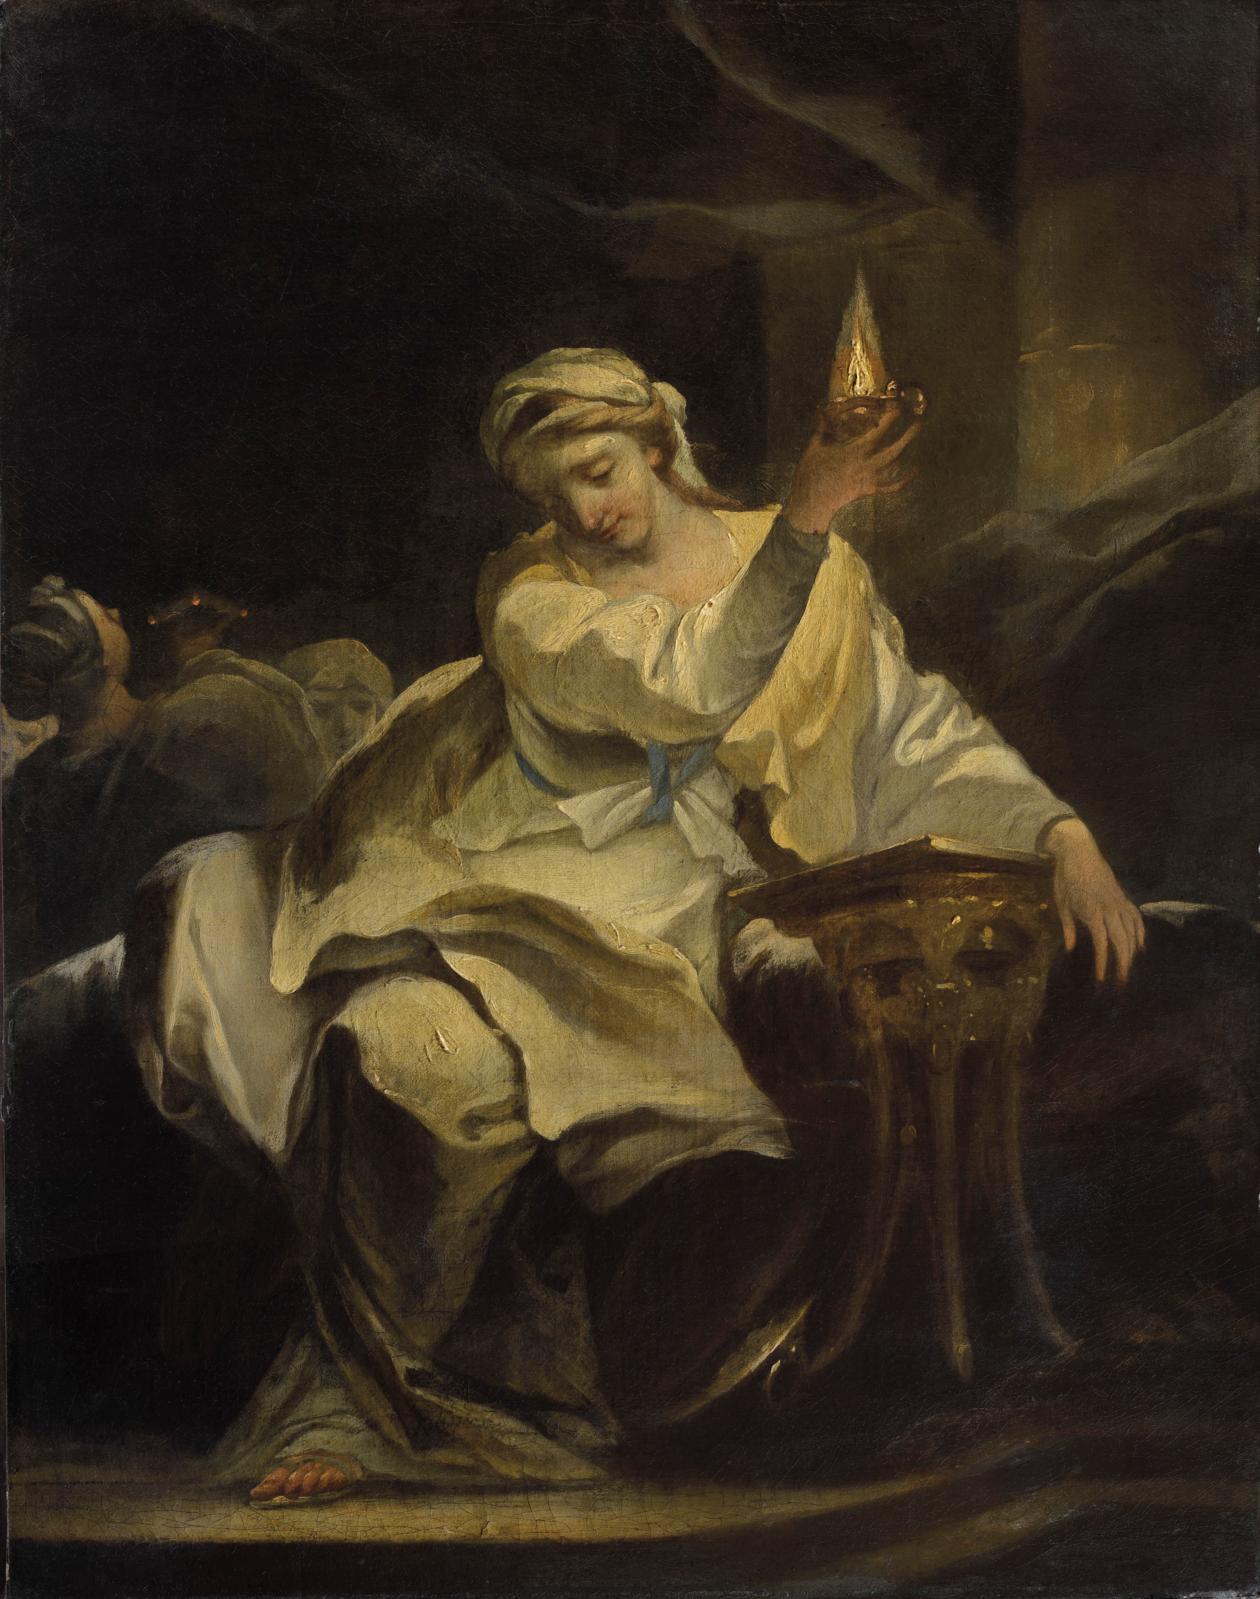 Michel-François Dandré-Bardon (1700-1783), Allegory of Faith (?), oil on canvas, 74.6 x 58 cm (29.4 x 22.8 in).© Suzanne Nagy